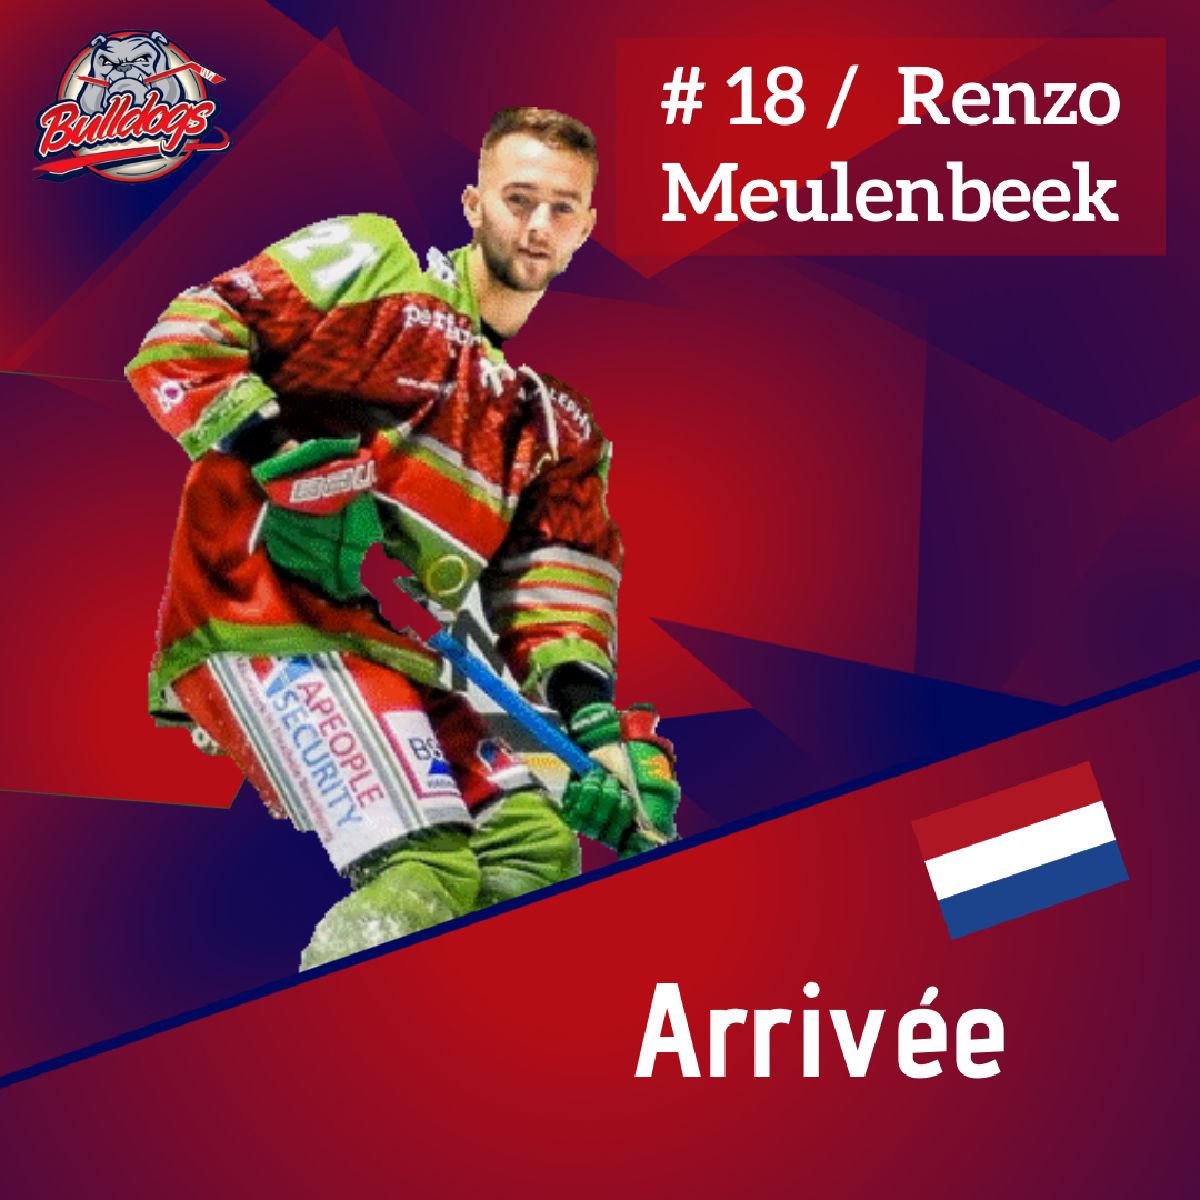 Présentation de Renzo Meulenbeek nouvel attaquant des Bulldogs de Liège